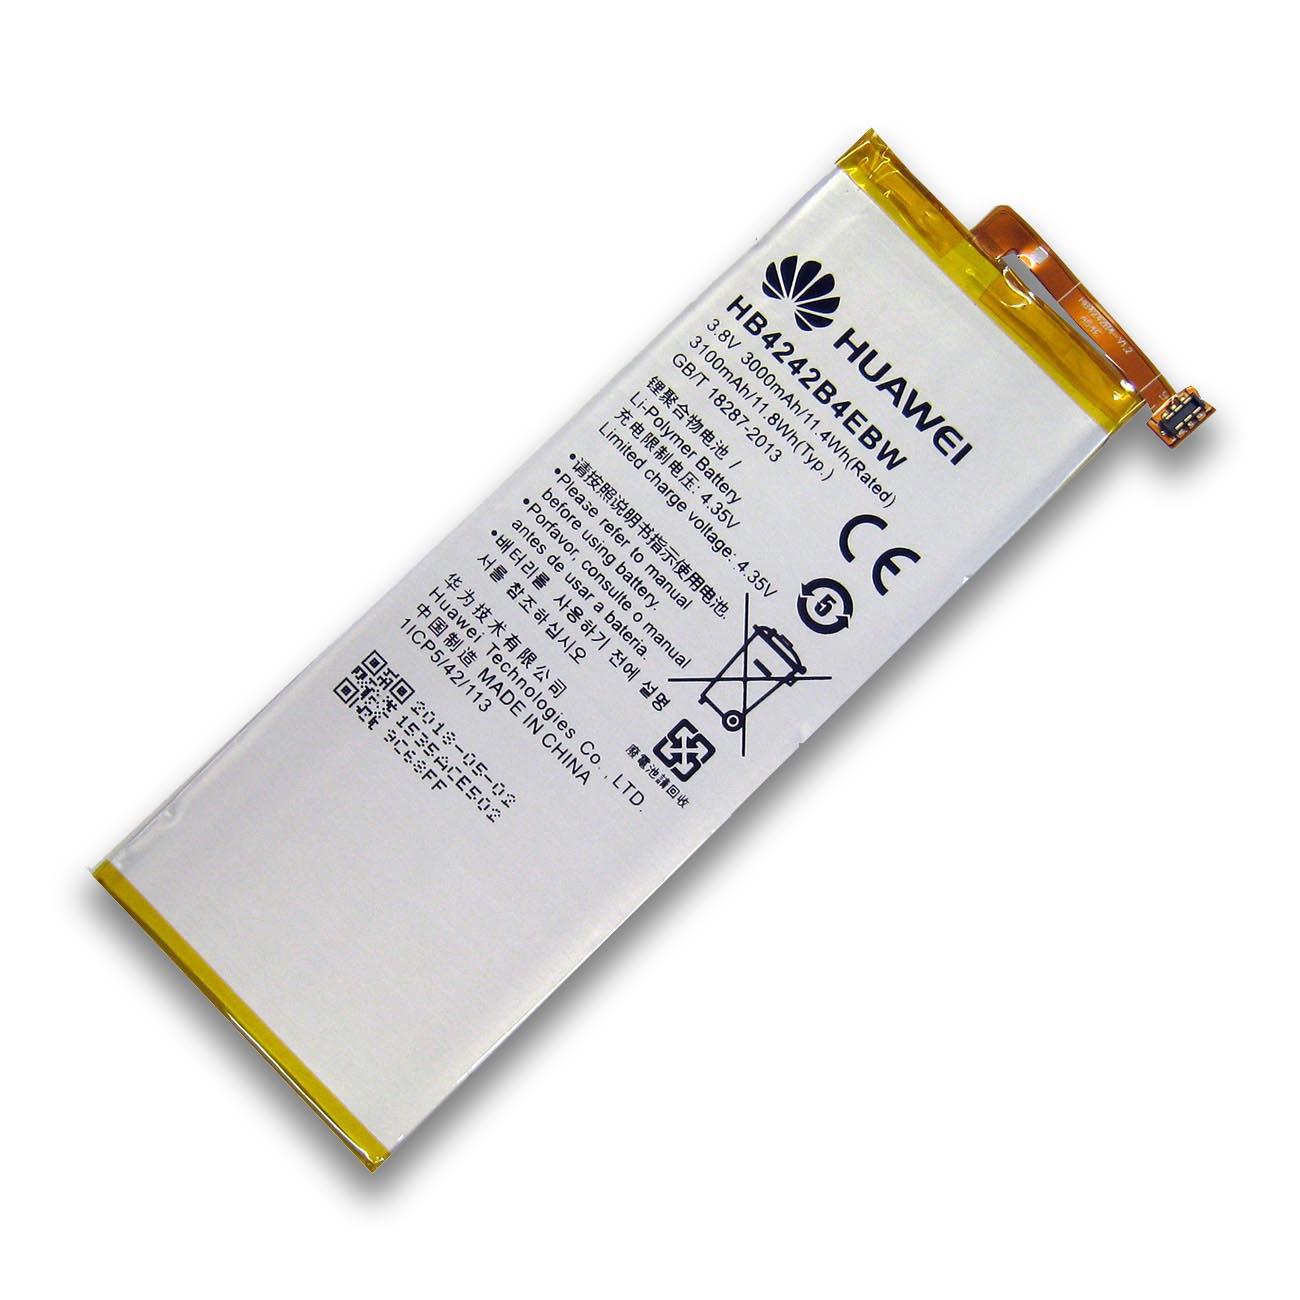 【全国送料無料】HUAWEI ファーウェイ honor6 スマートフォンバッテリー HB4242B4EBW